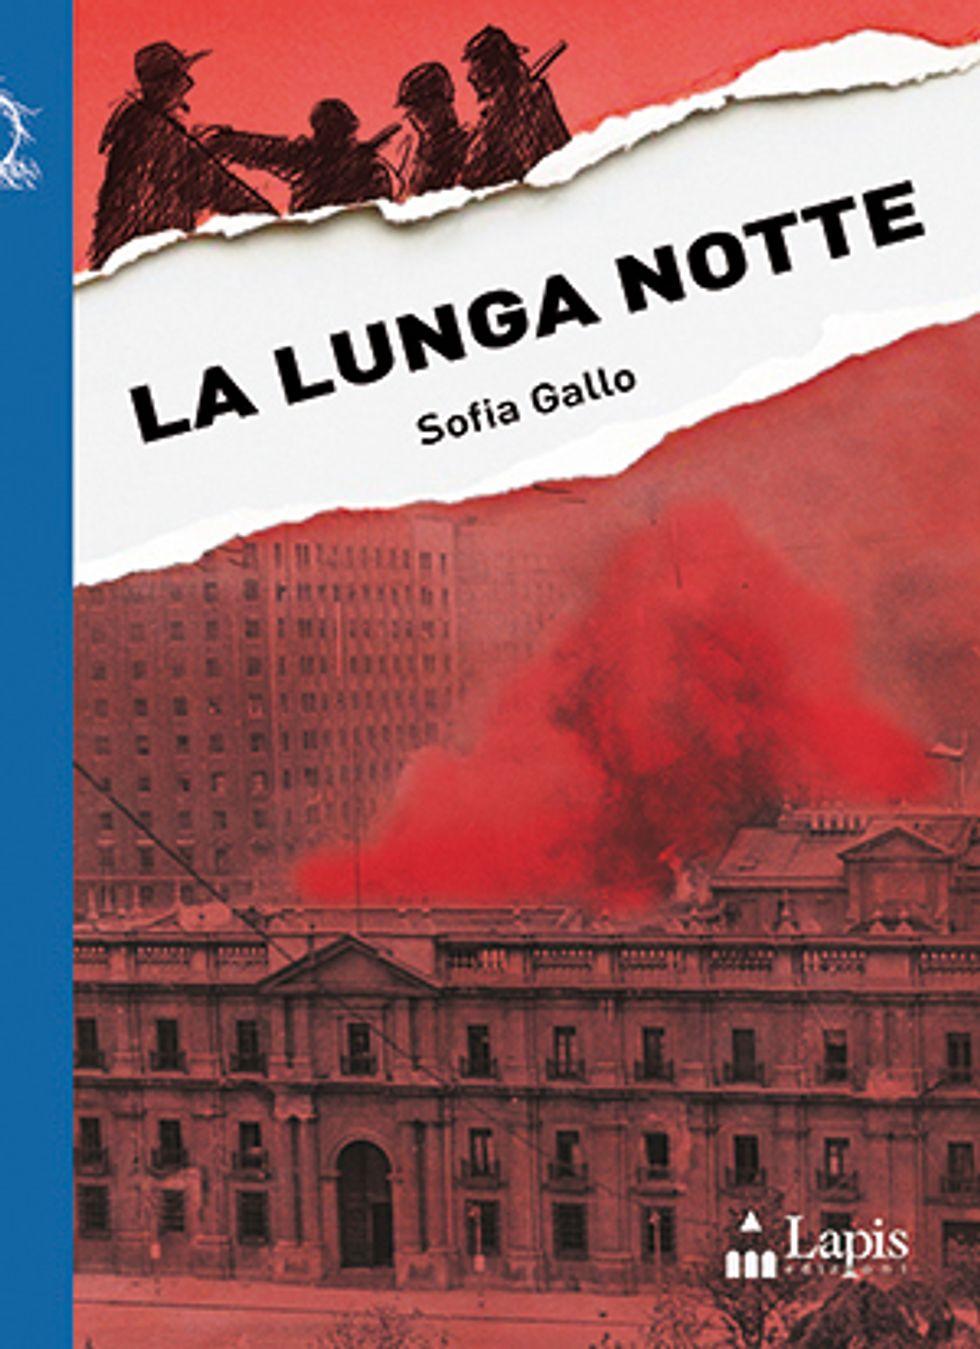 11 settembre 1973 - 'La lunga notte' del Cile raccontata ai ragazzi